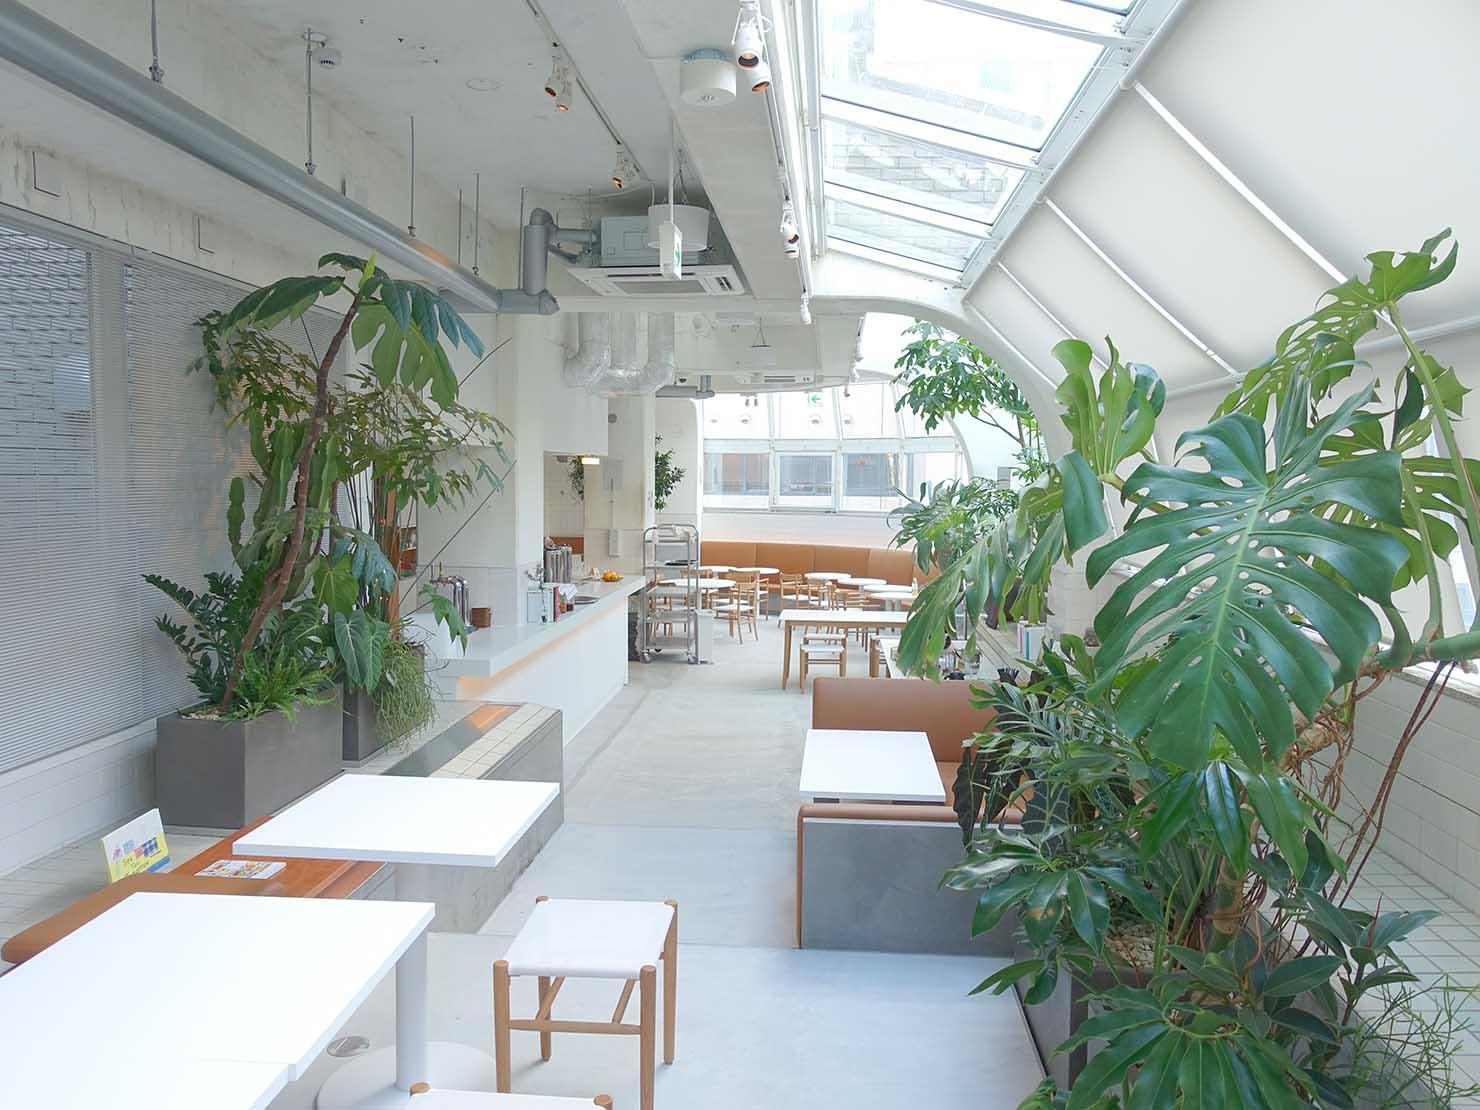 広島・八丁堀のおしゃれなリノベホテル「KIRO広島 The Share Hotels」のダイニング・THE POOLSIDEのテーブル席側から見る店内